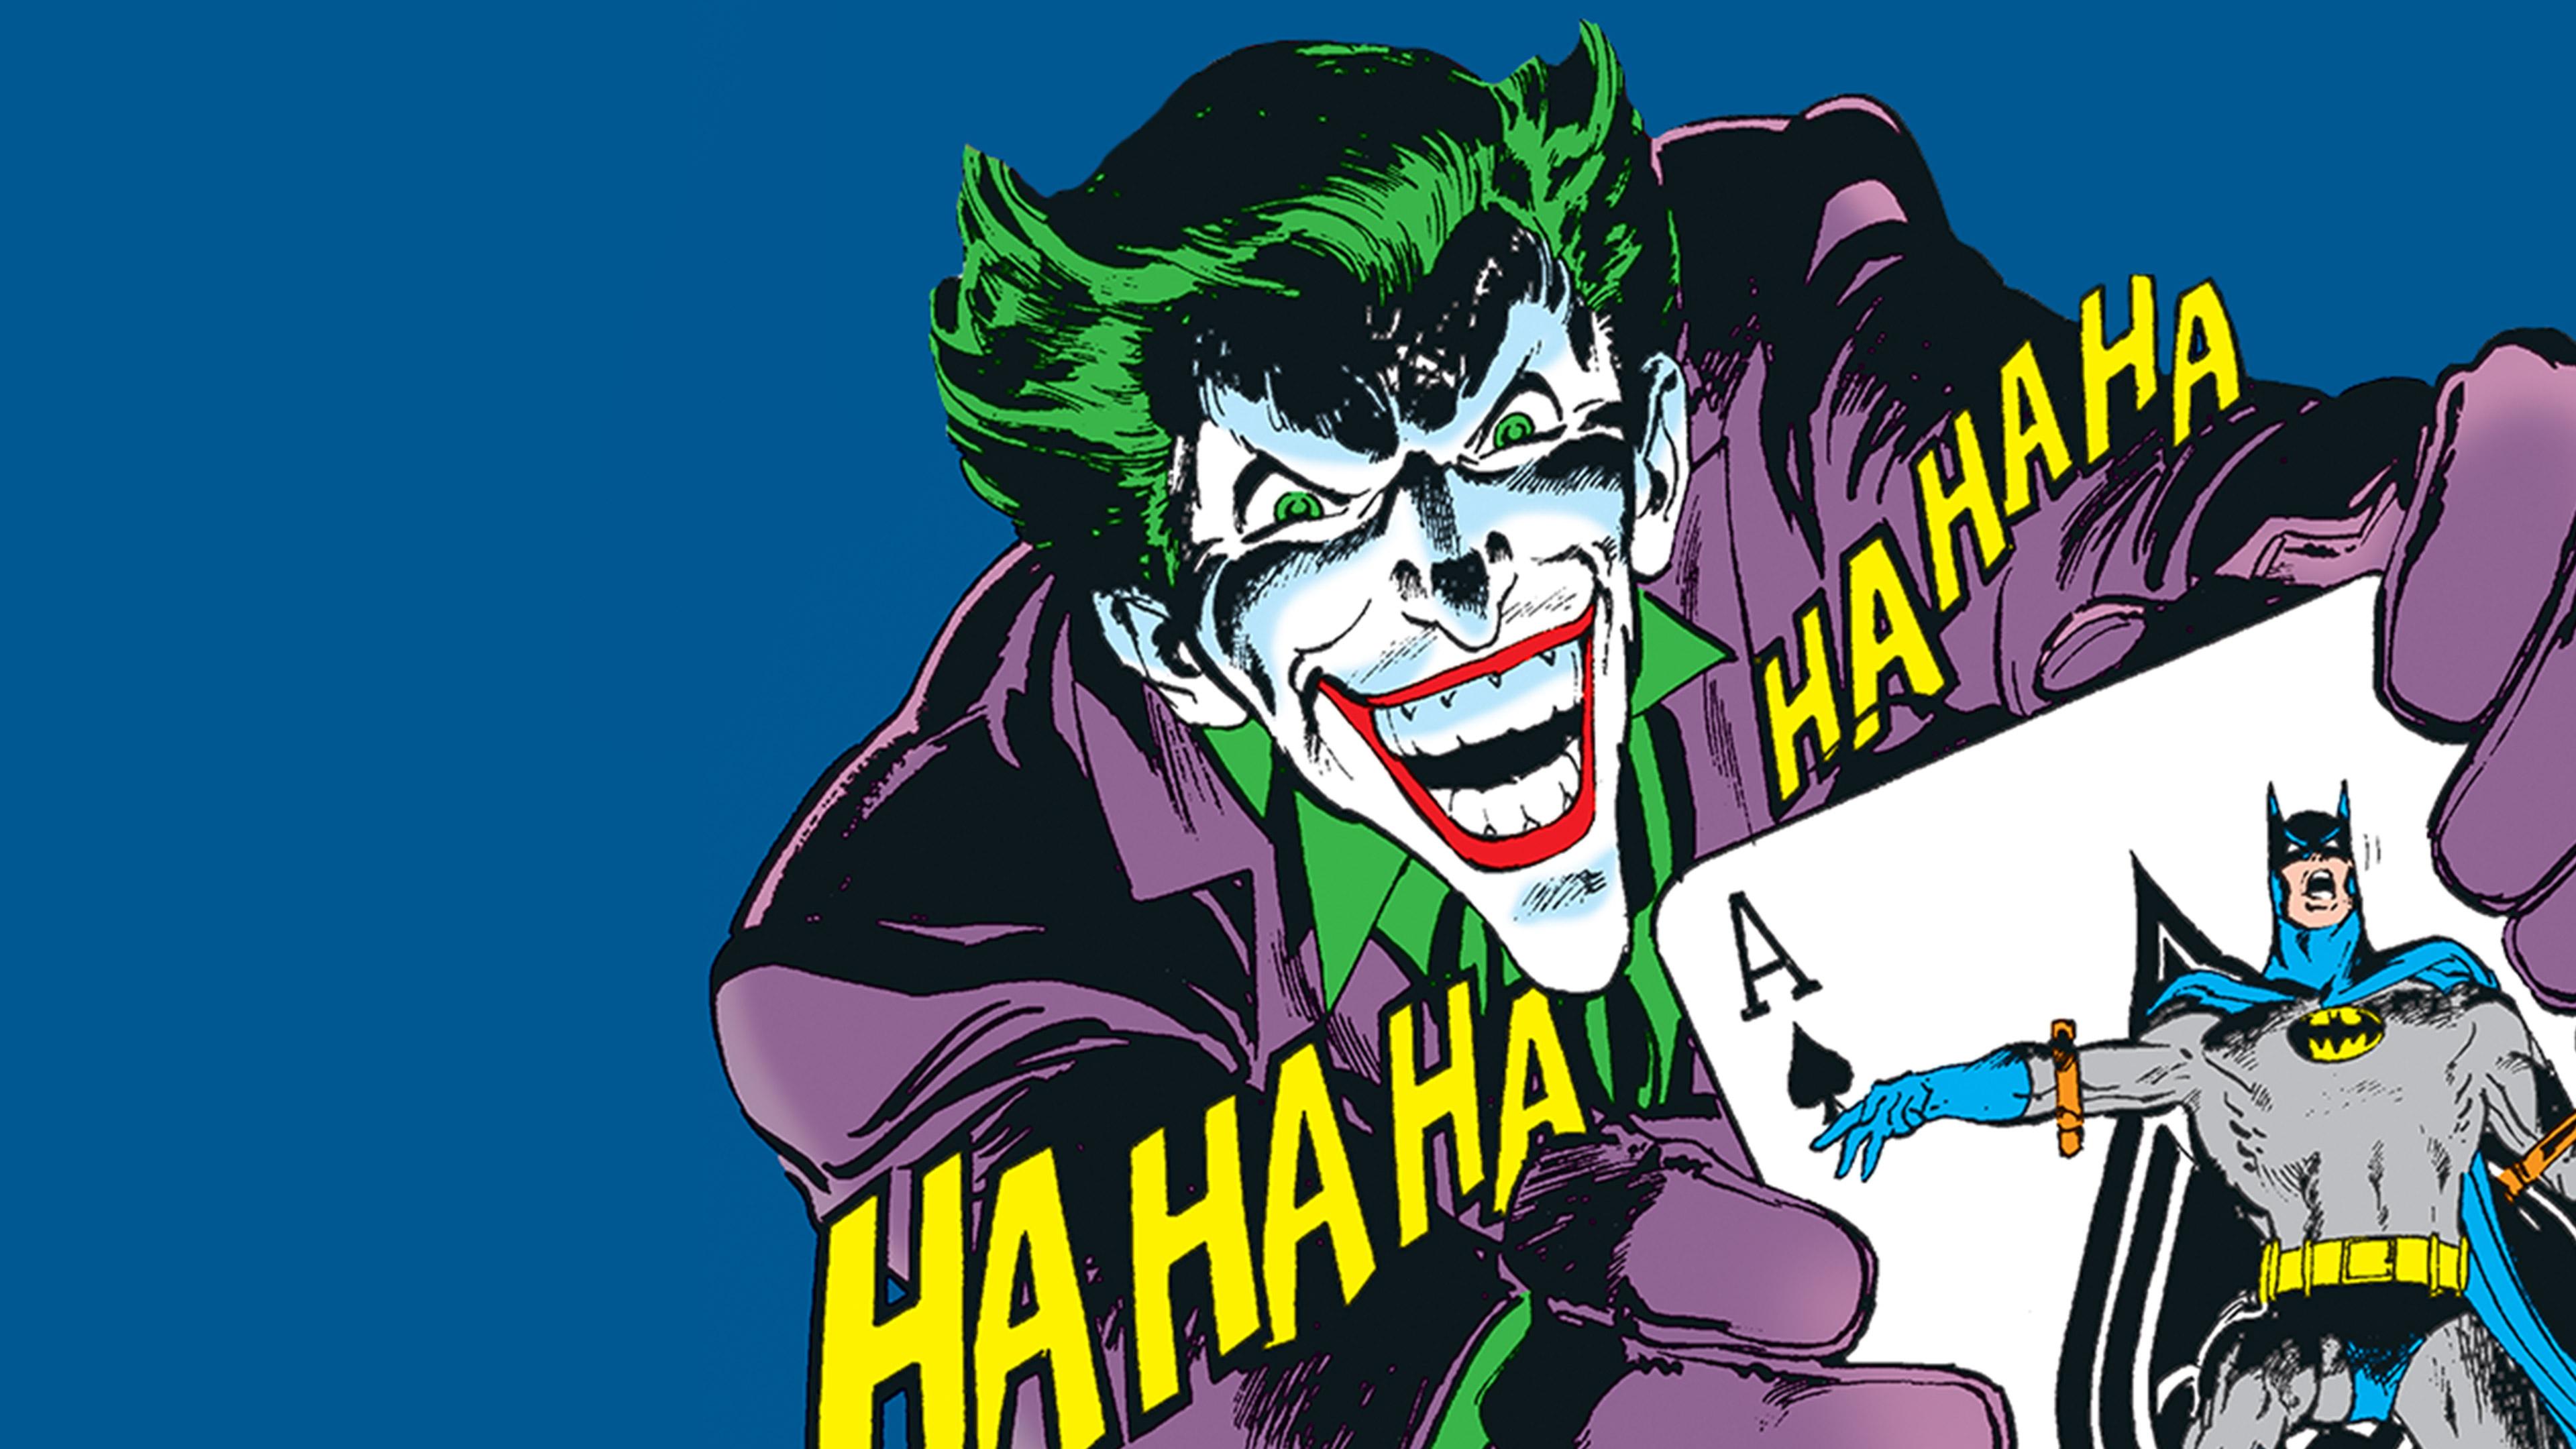 manyfacesofjoker-jokersrevege-news-hero-191002-v1.jpg